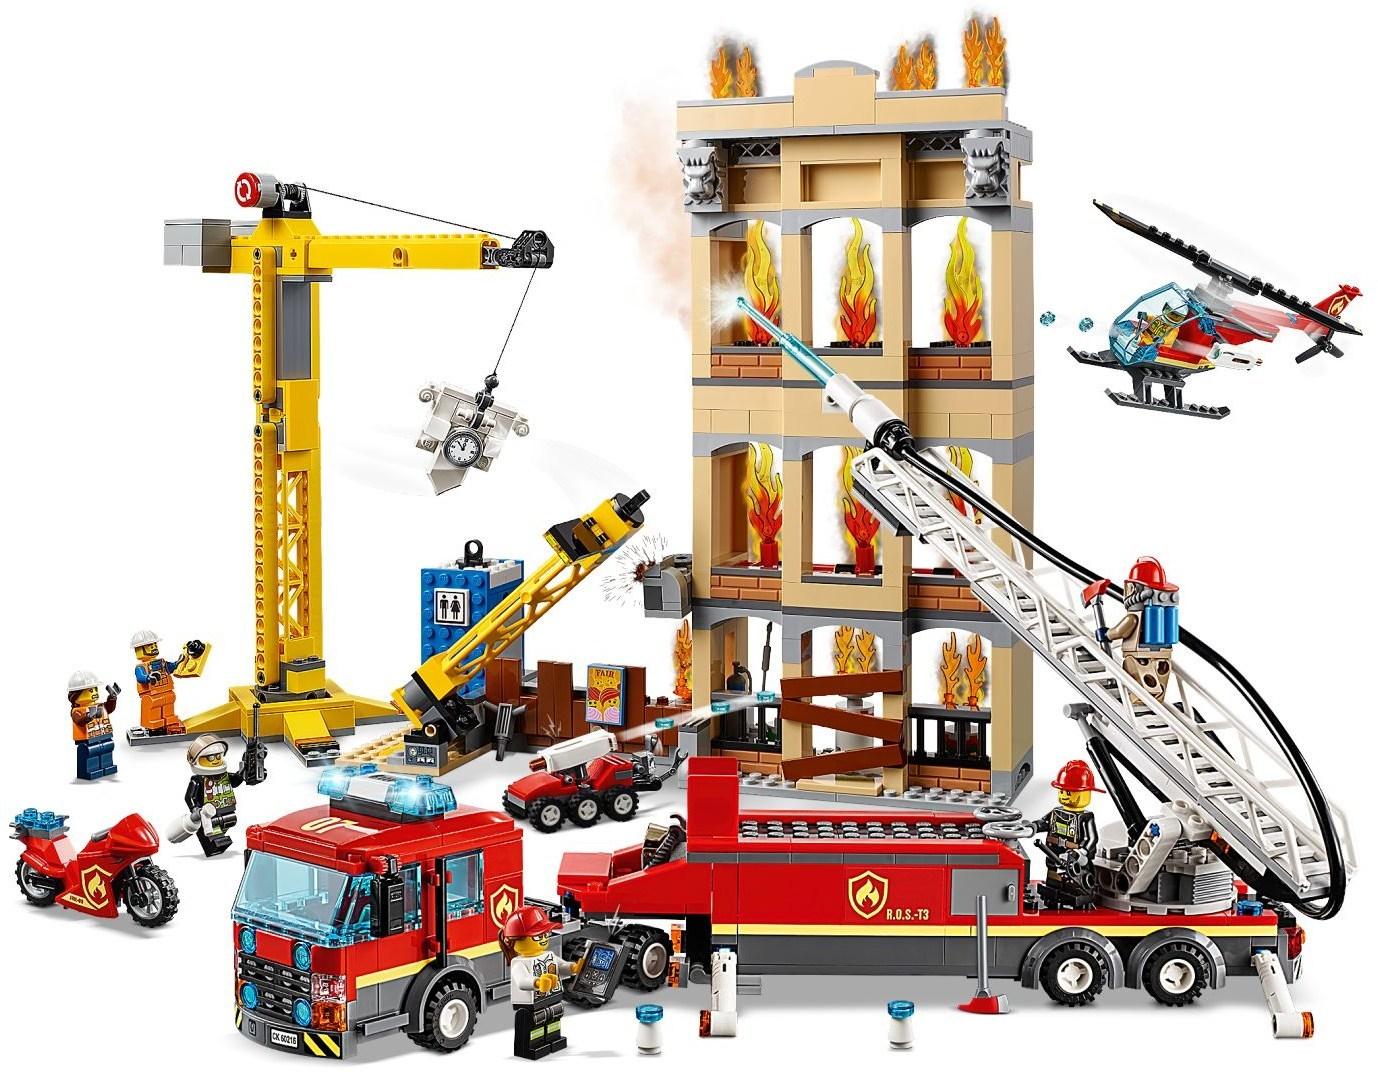 уже лего сити пожарная машина картинки готова моя очередная